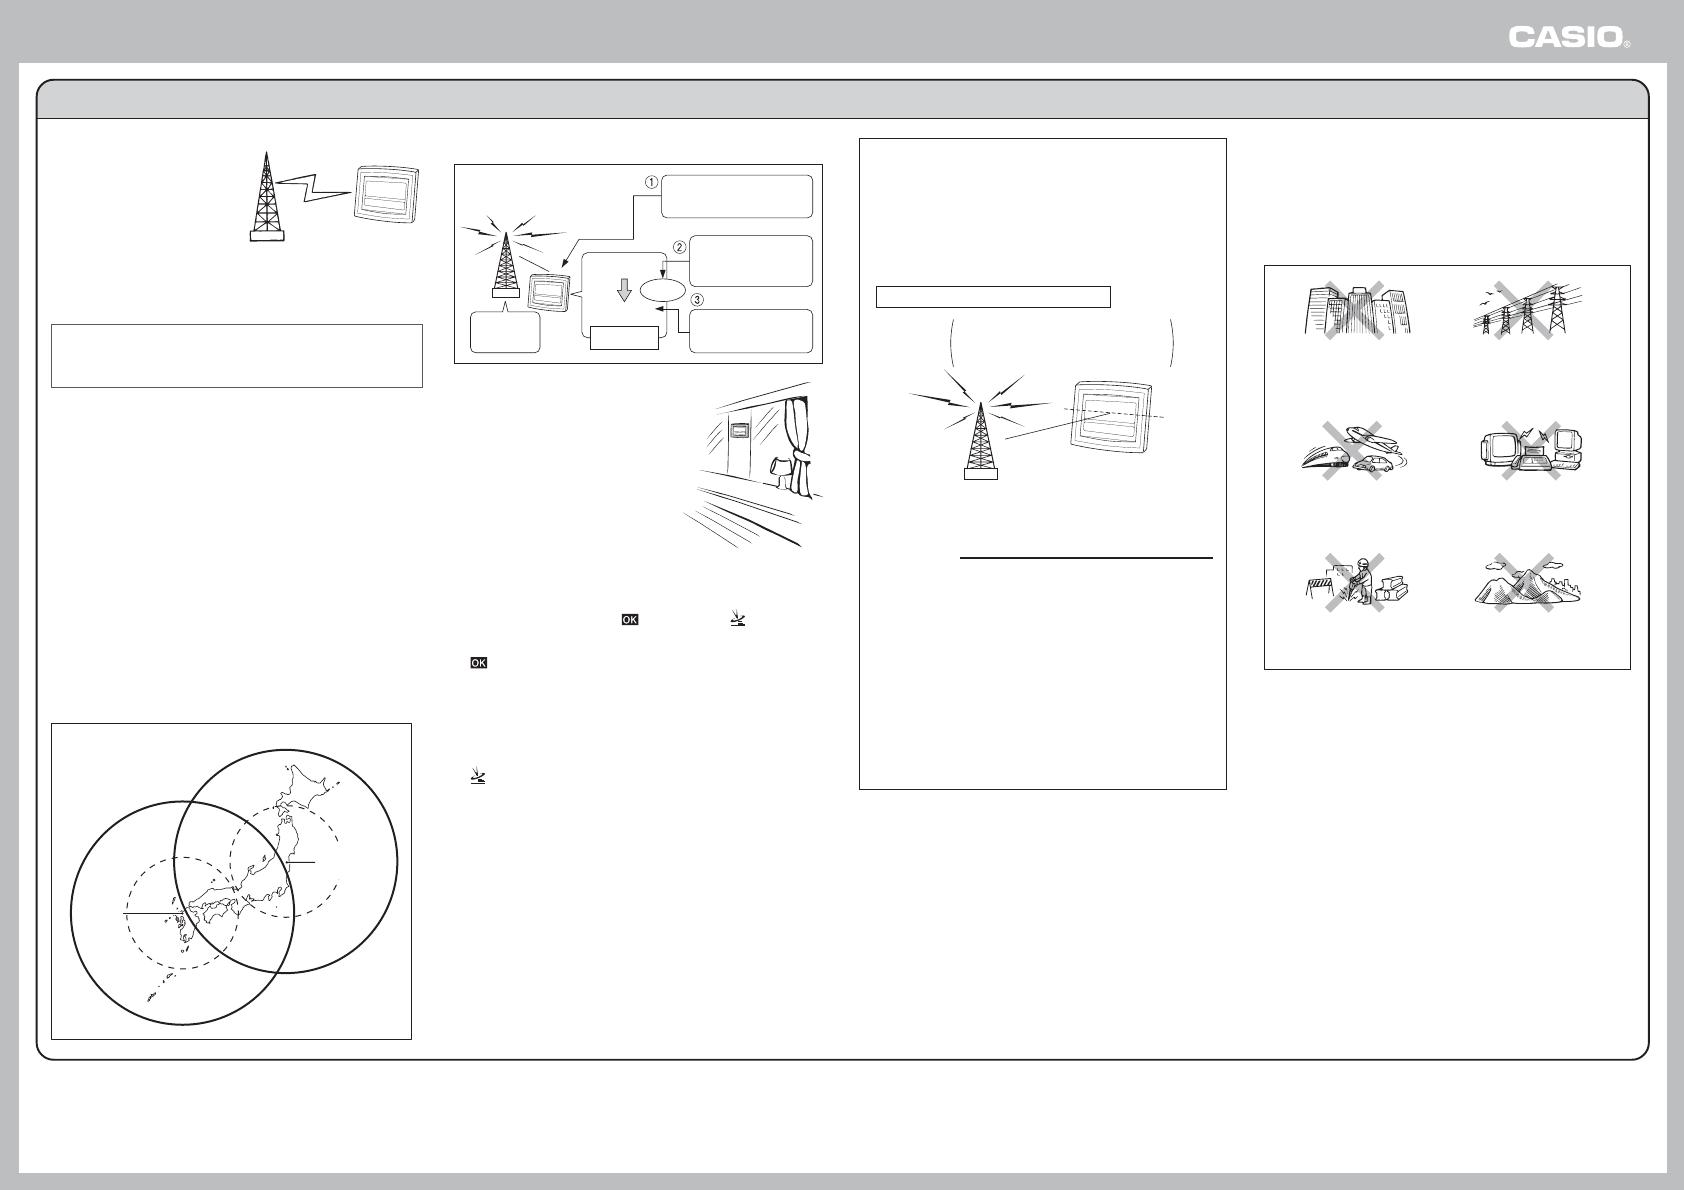 Casio Id 27J Users Manual